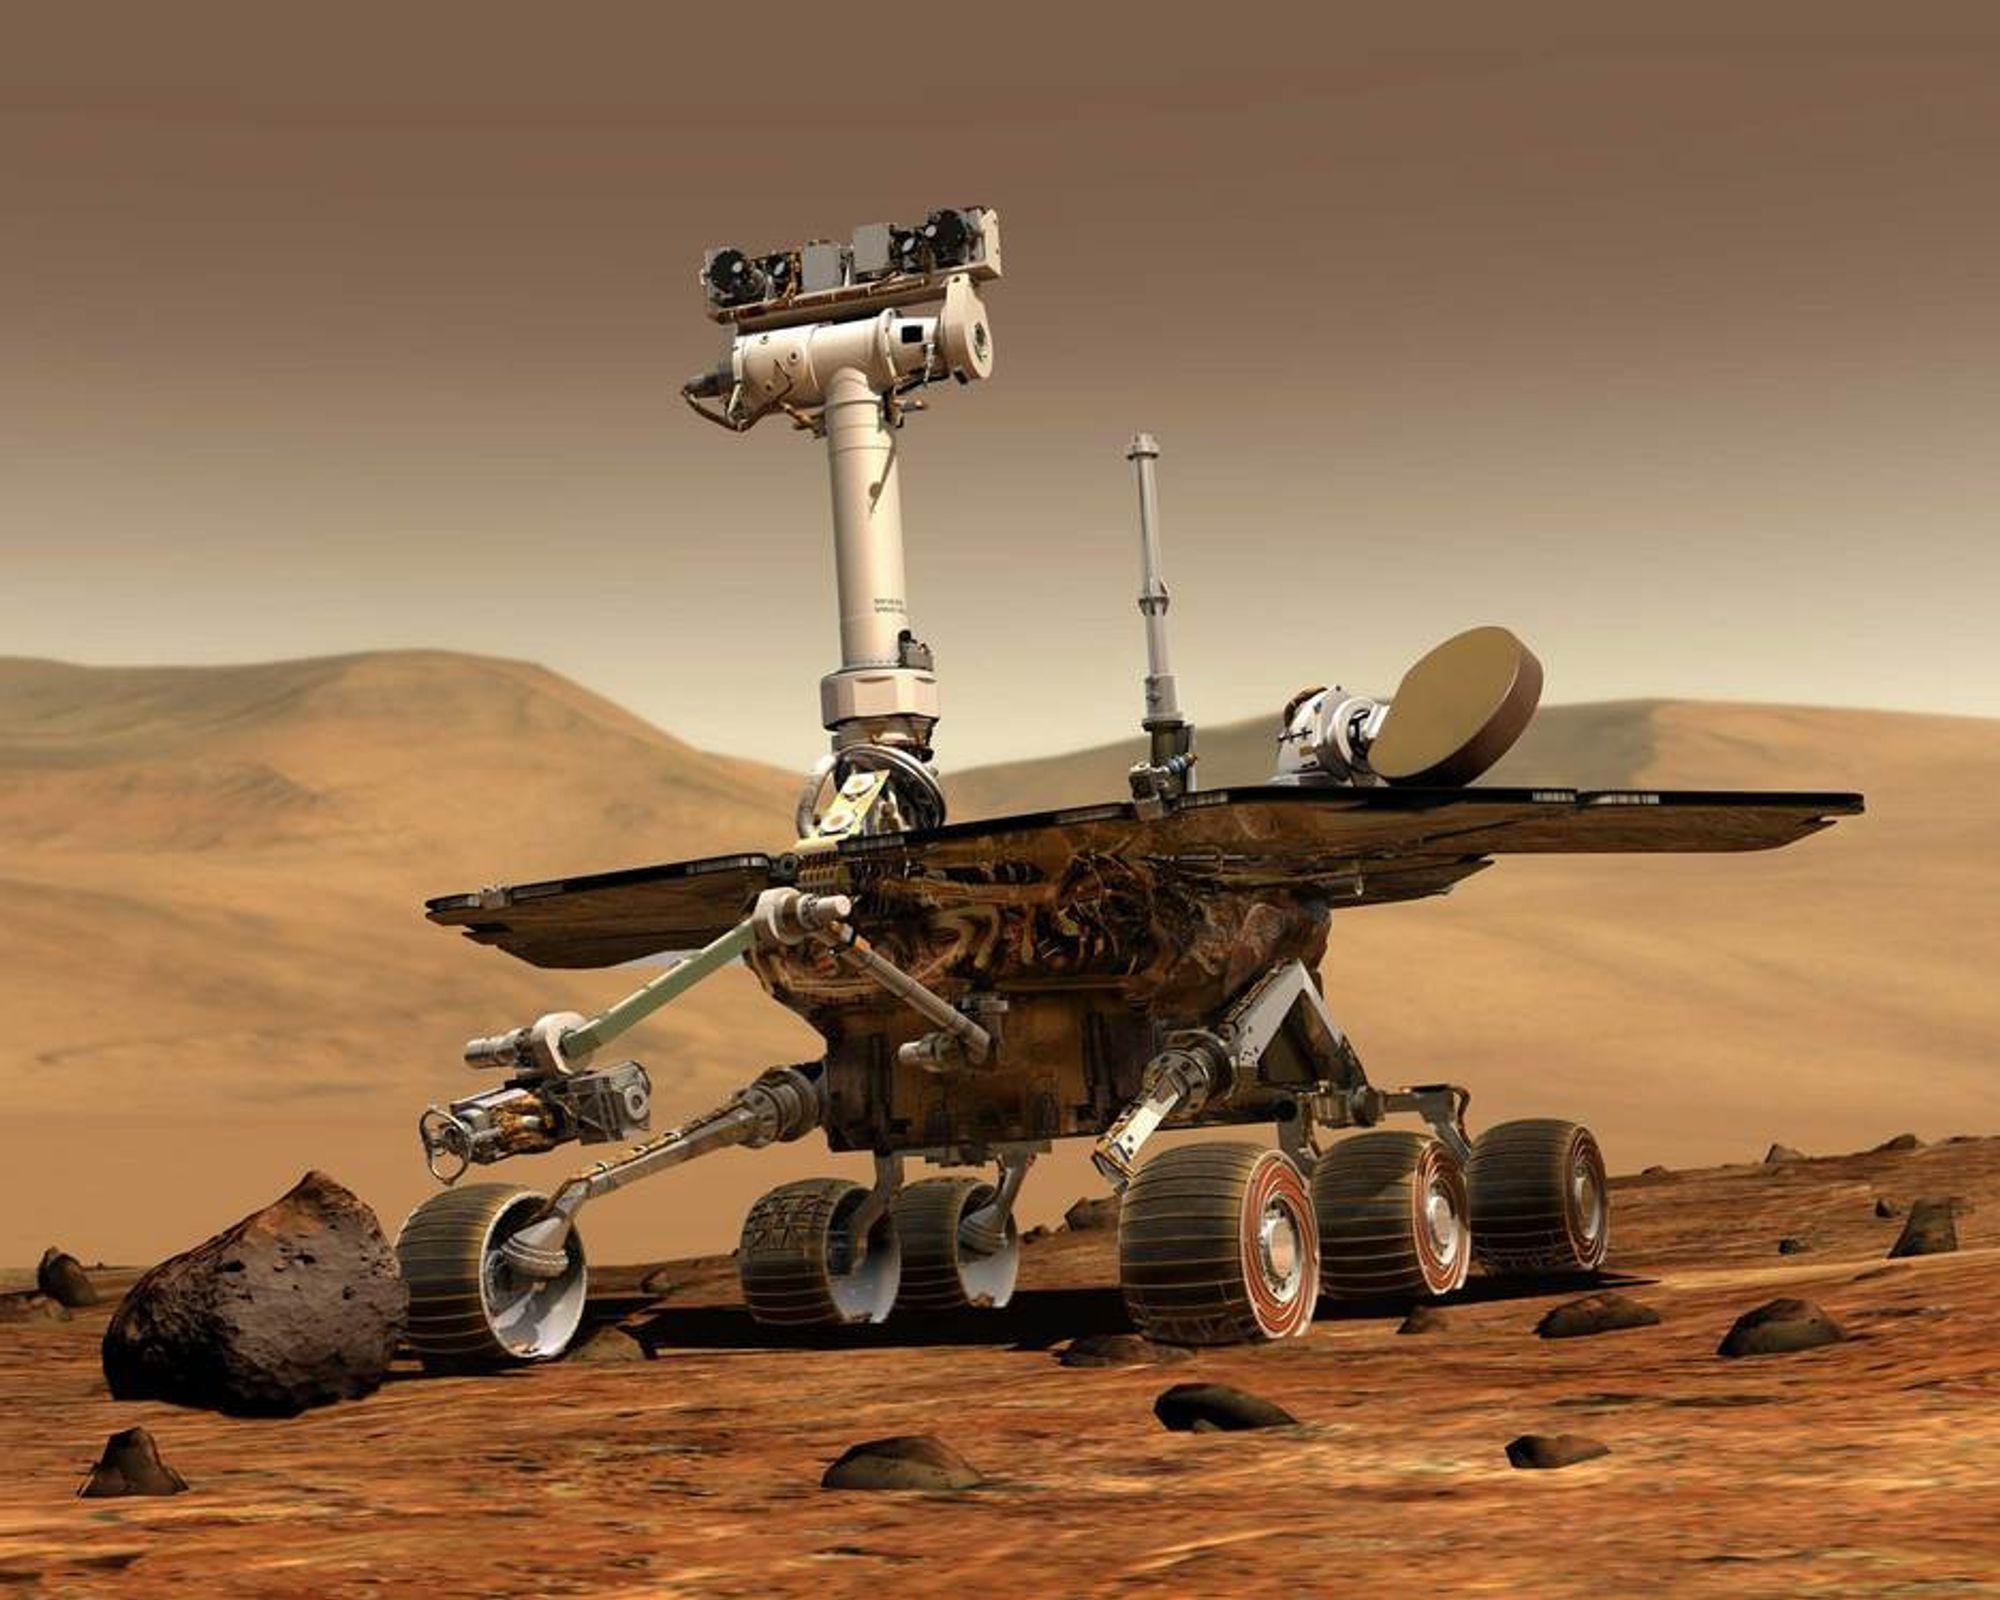 MESTERVERK: Mars-roveren Opportunity er omtalt som et ingeniørmessig mesterverk. Nå gir Google deg muligheten til å sende noe like fantastisk til Månen.